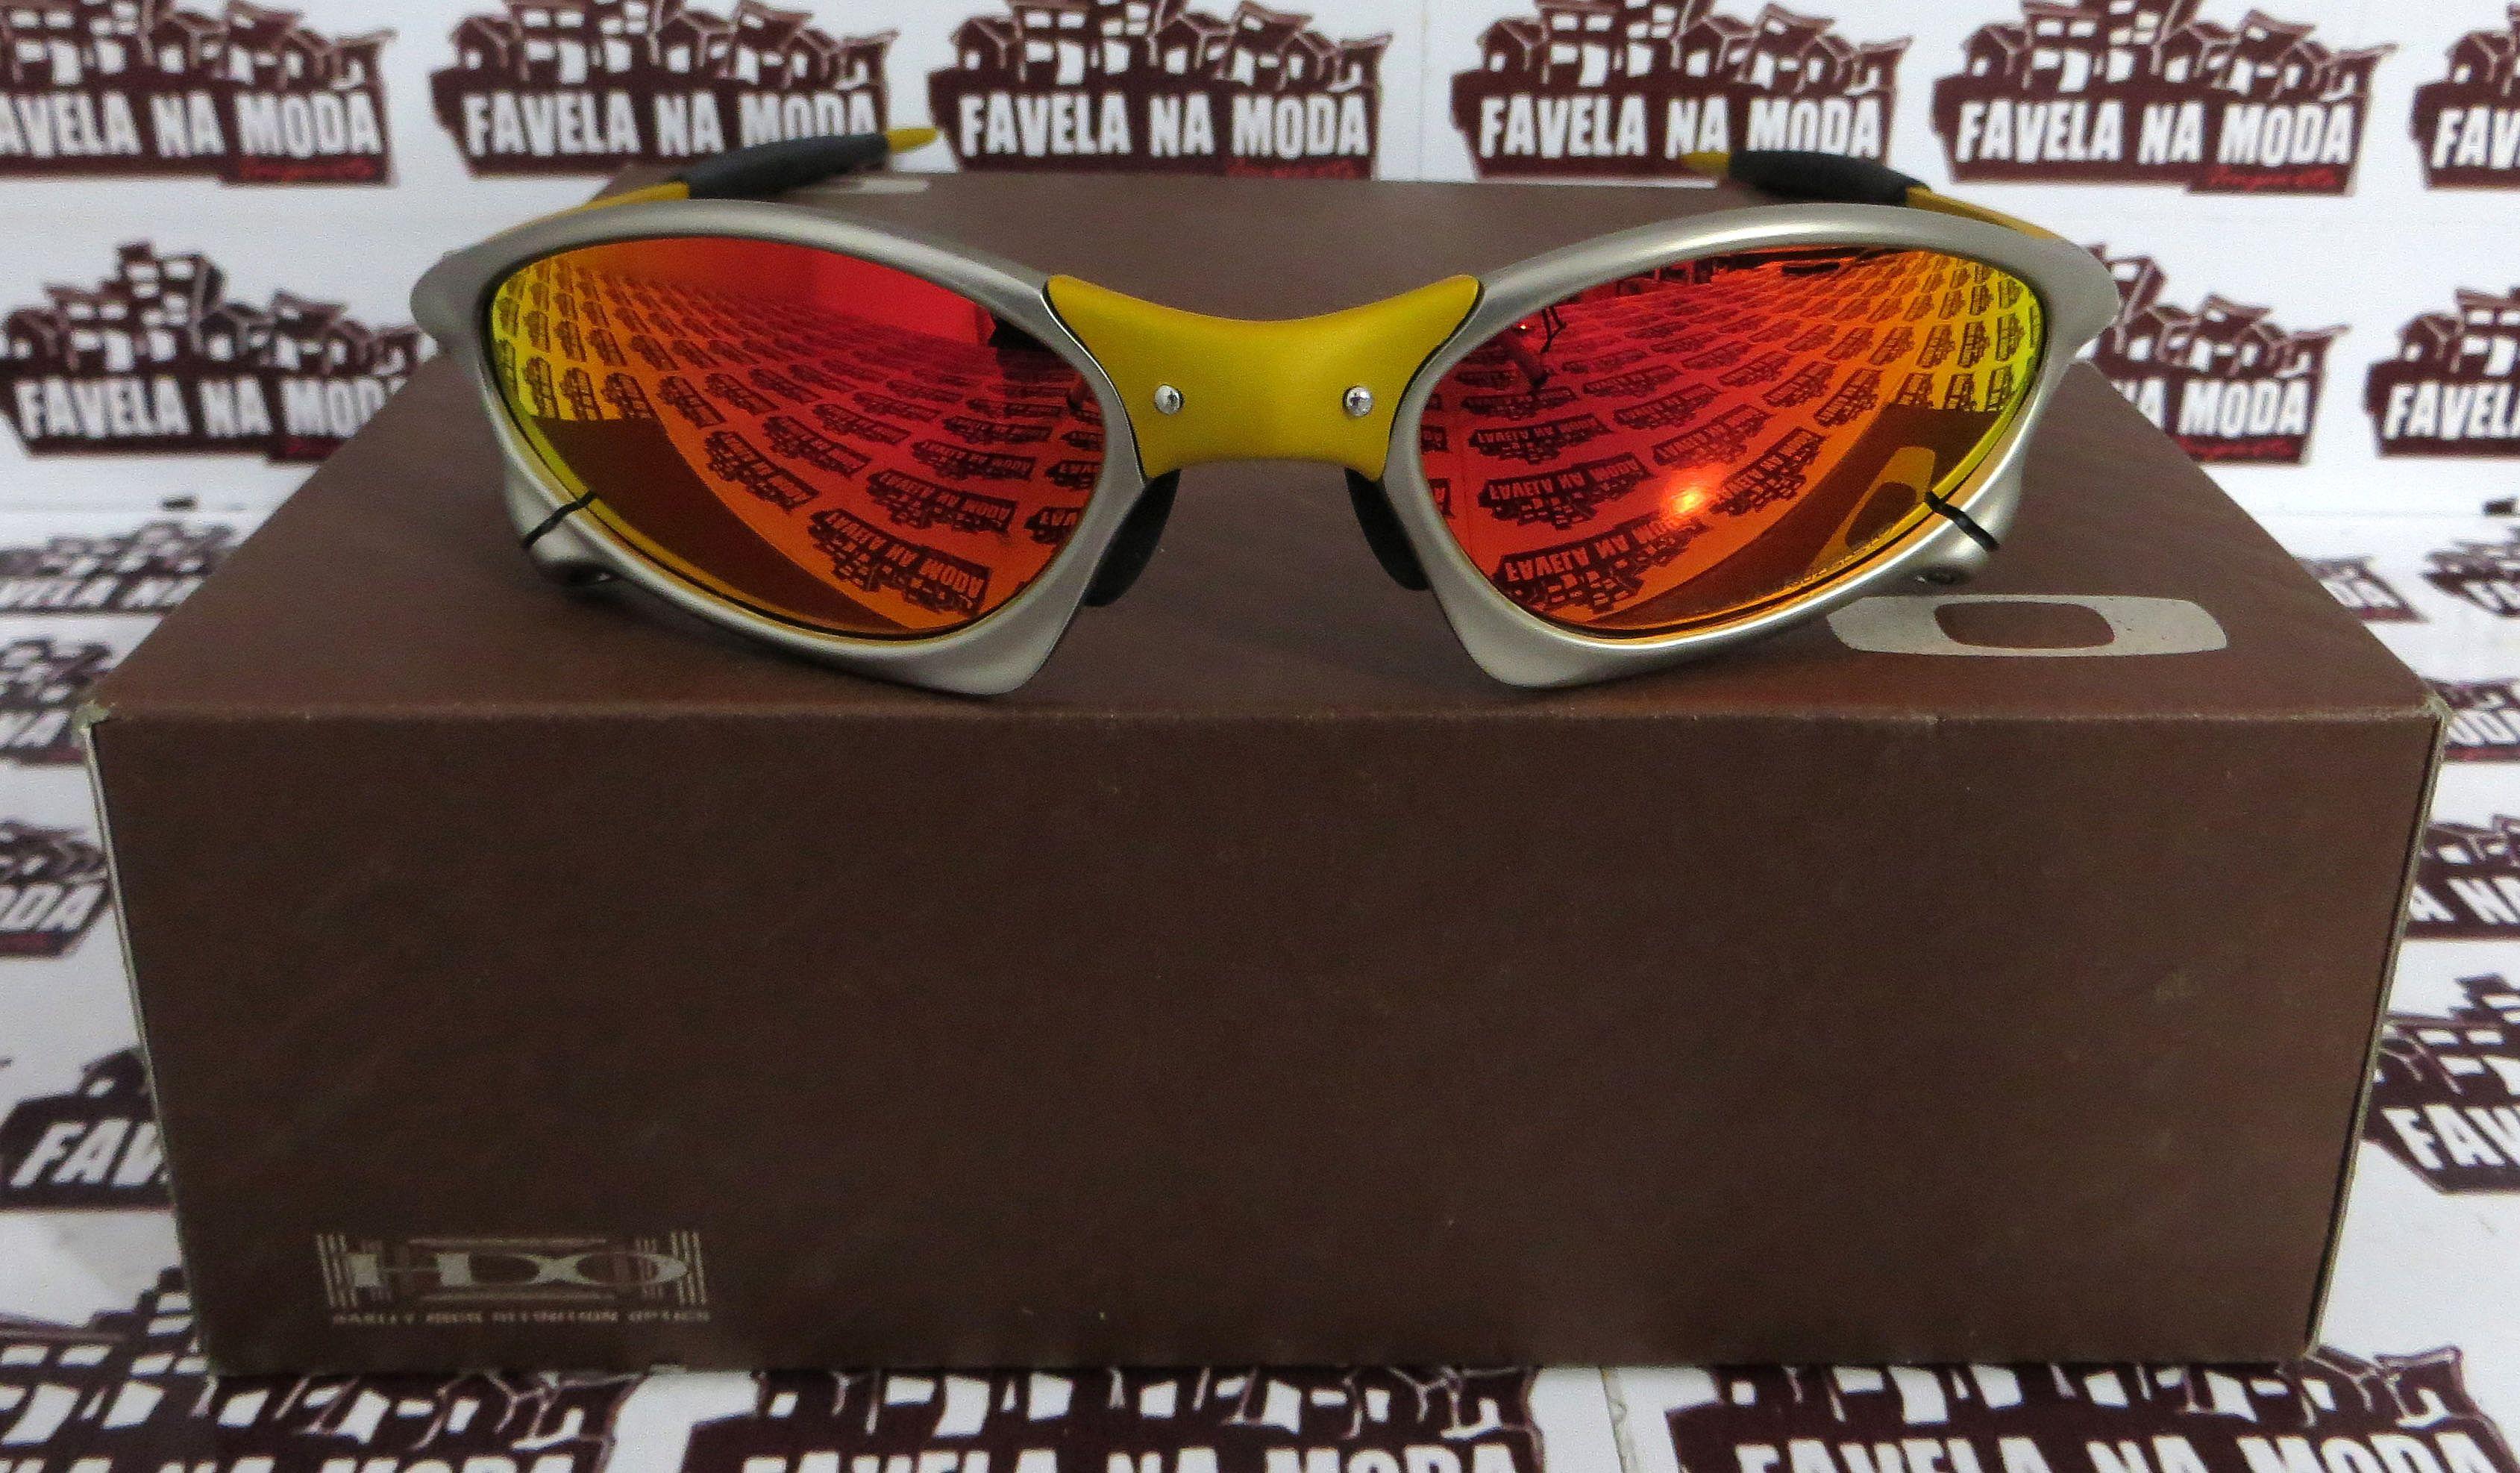 c9bf59cc8 Óculos Oakley Penny - 24k e Plasma / Dark Ruby / Borrachas Pretas